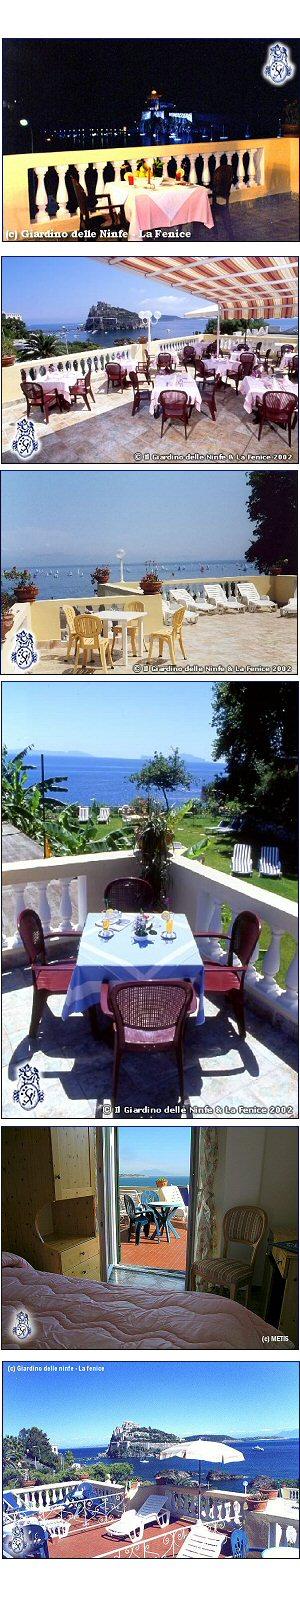 Hotel il giardino delle ninfe la fenice prenotazione albergo ischia hotel in campania sea hotel - Giardino delle ninfe ischia ...